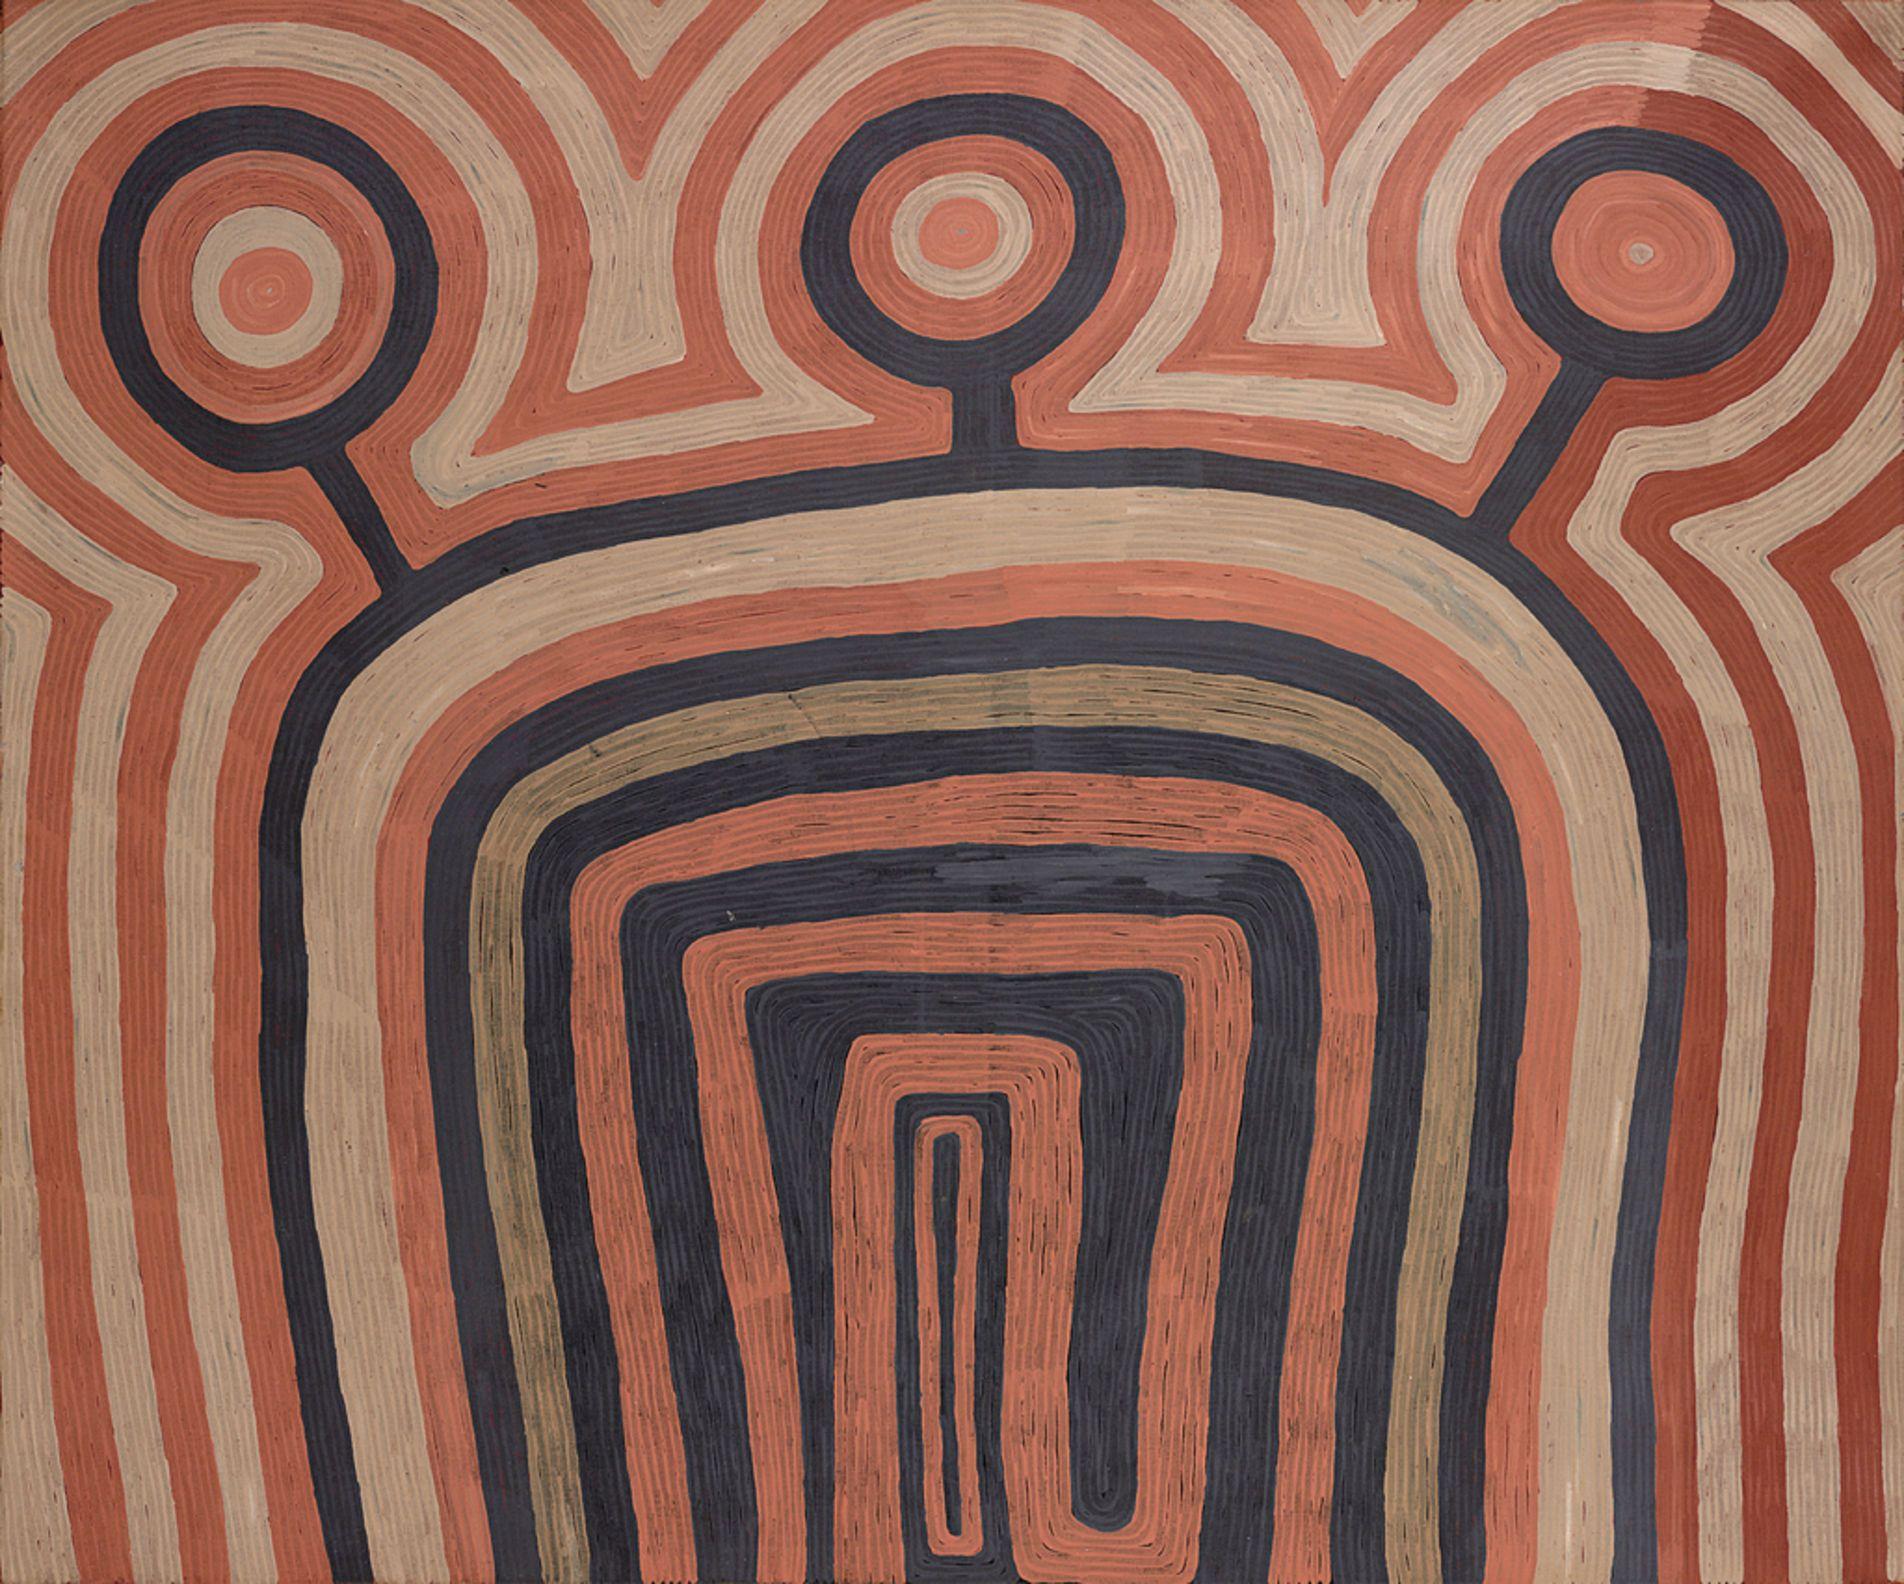 Photos Le Monde Des Reves Et Du Sacre Presente Au Musee Du Quai Branly Musee Quai Branly Peinture Aborigene Les Arts